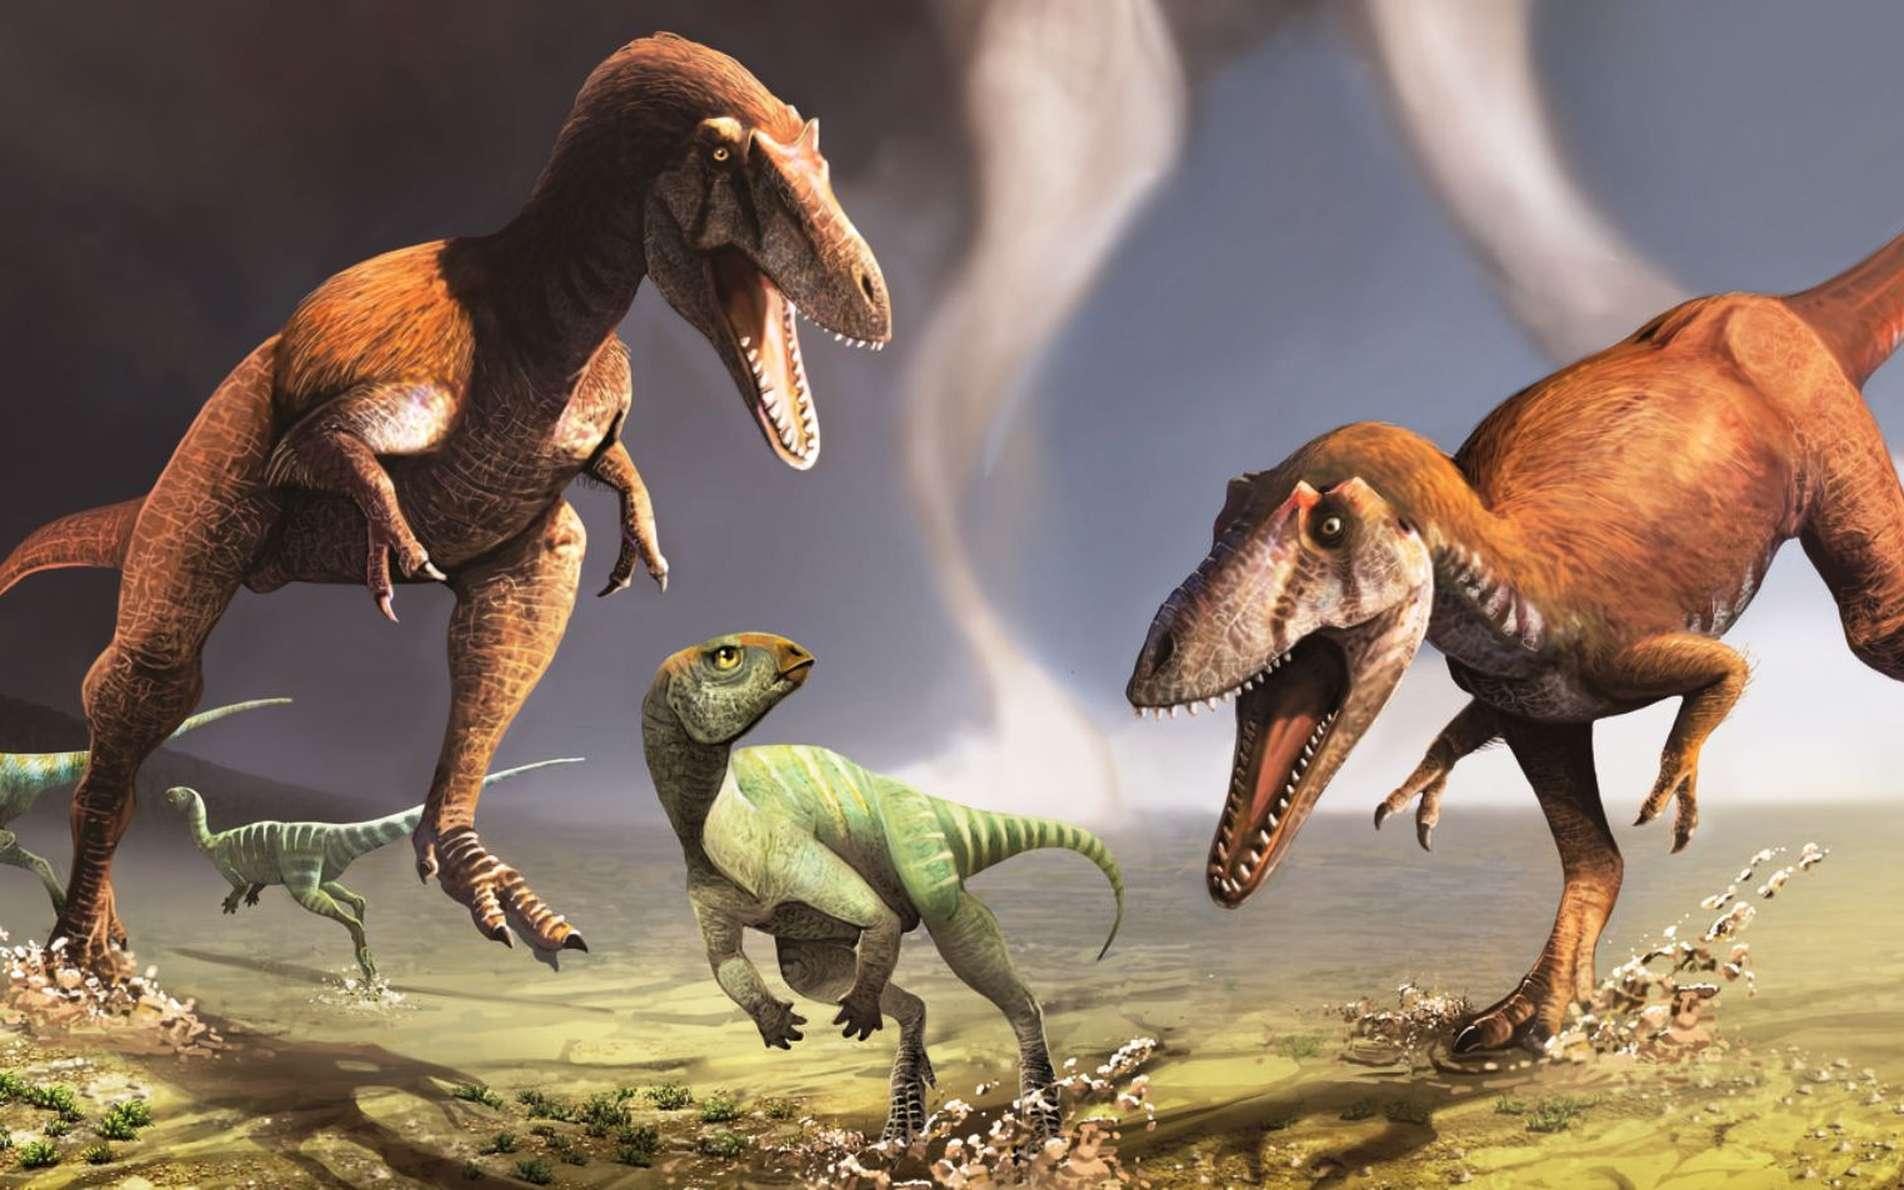 Une vue d'artiste du nouveau genre de théropodes découvert en Patagonie, Gualicho shinyae. Ses membres semblables à ceux du T-Rex s'expliquent peut-être parce qu'ils étaient mieux adaptés au type de chasse pratiqué par ces animaux carnivores. © Jorge González, Pablo Lara